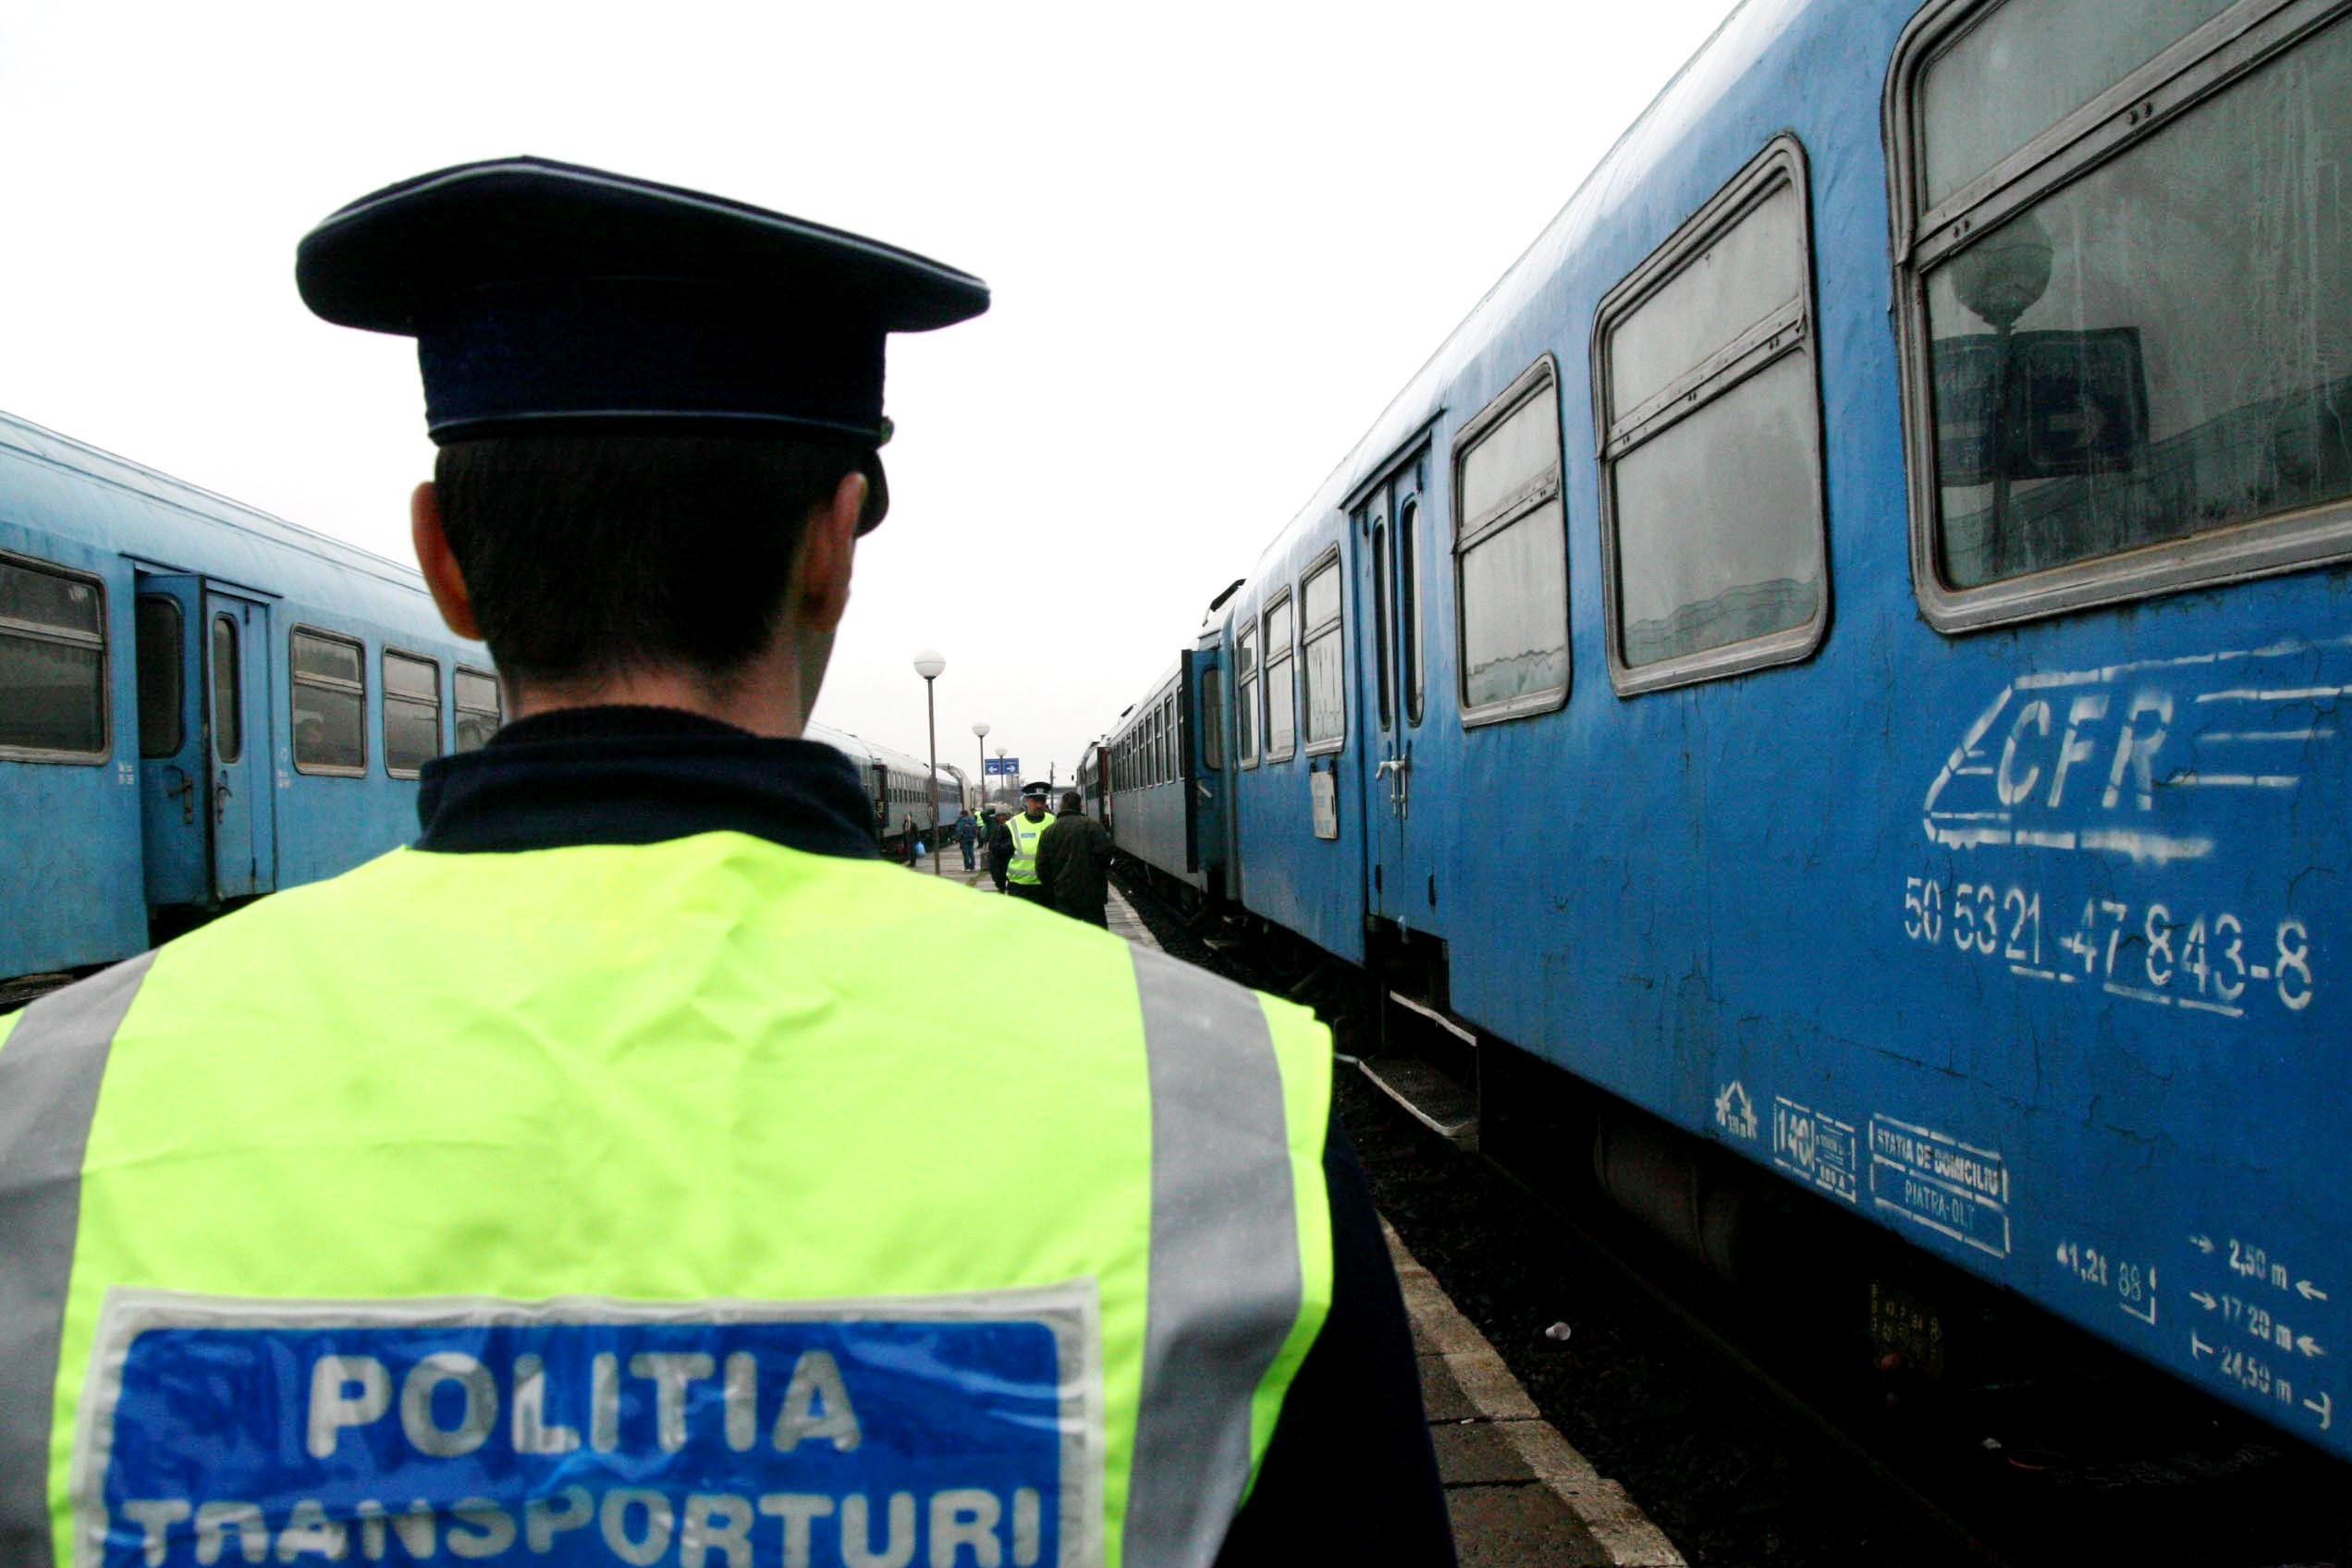 Încă o tragedie pe calea ferată: Un bărbat a murit după ce a fost lovit de tren, în Vaslui. Anchetatorii iau în calcul sinuciderea